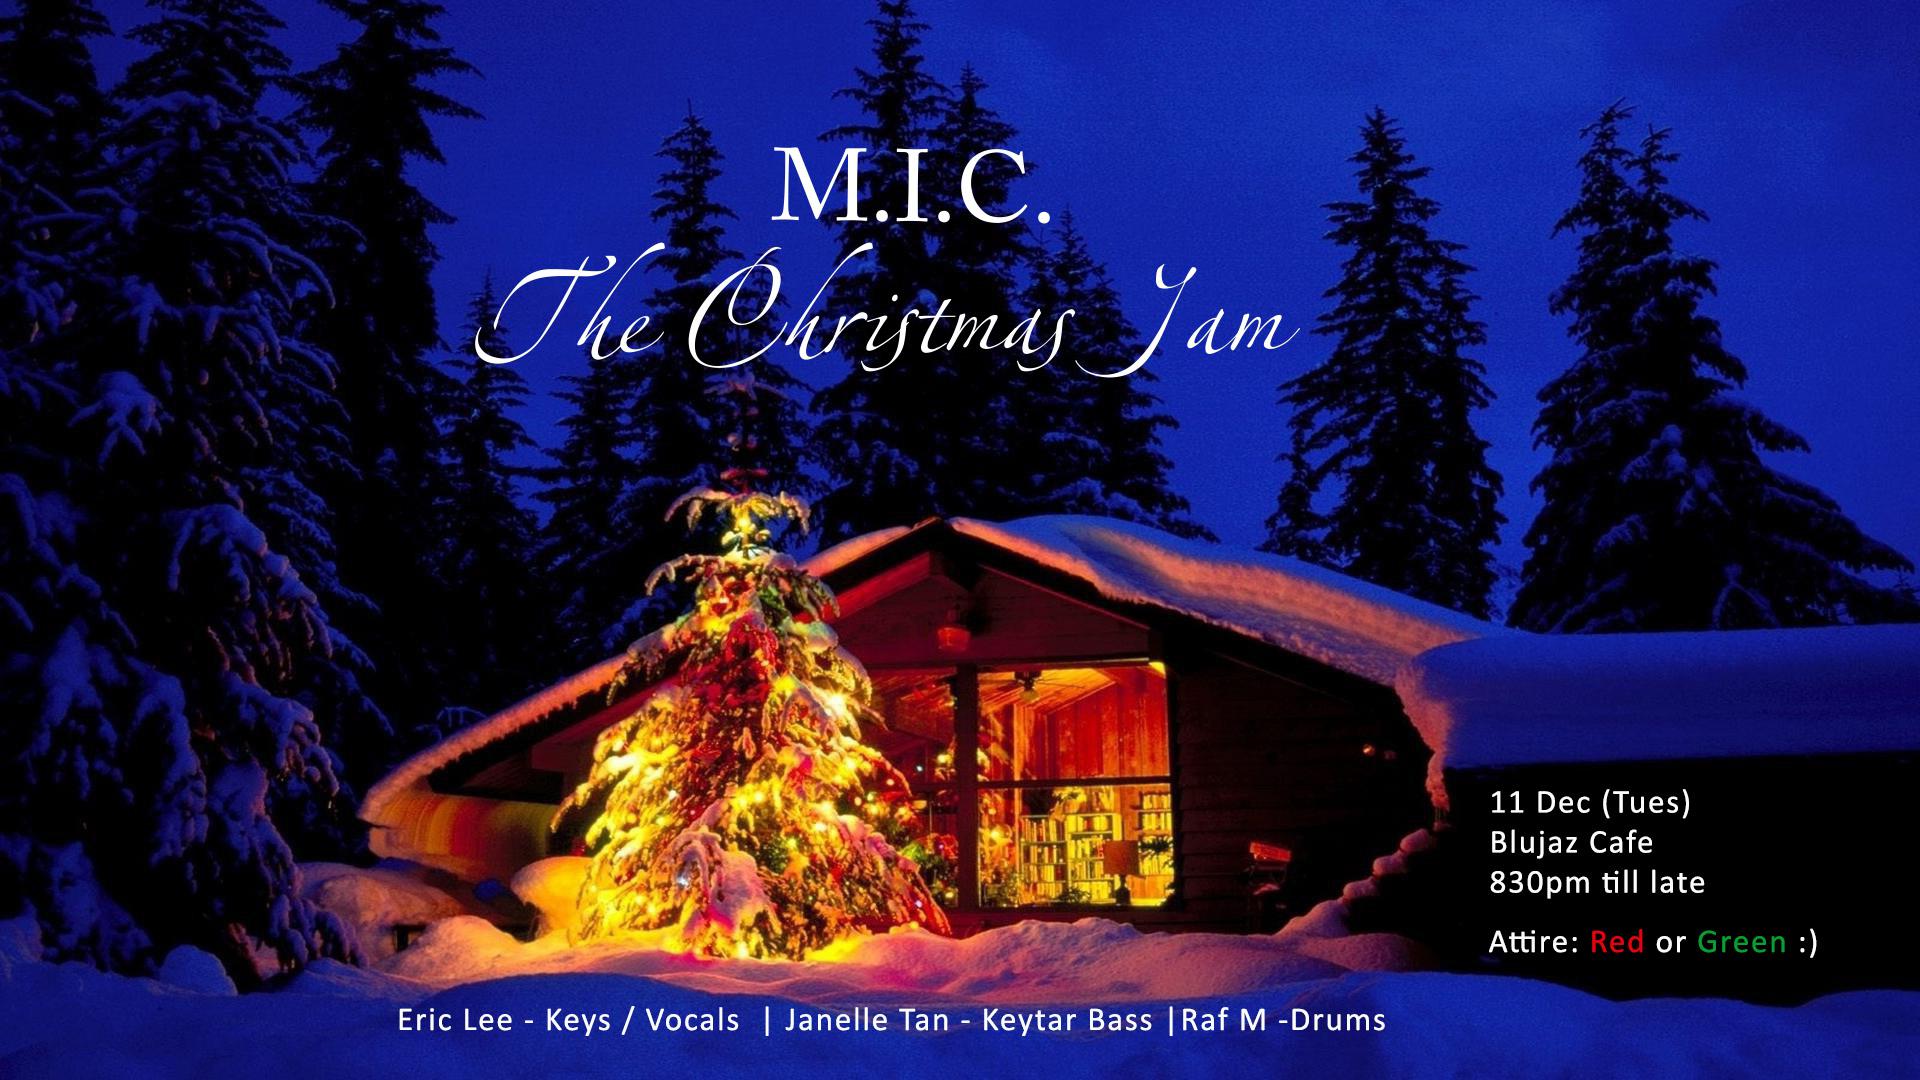 11 Dec 2018 – The Christmas Jam